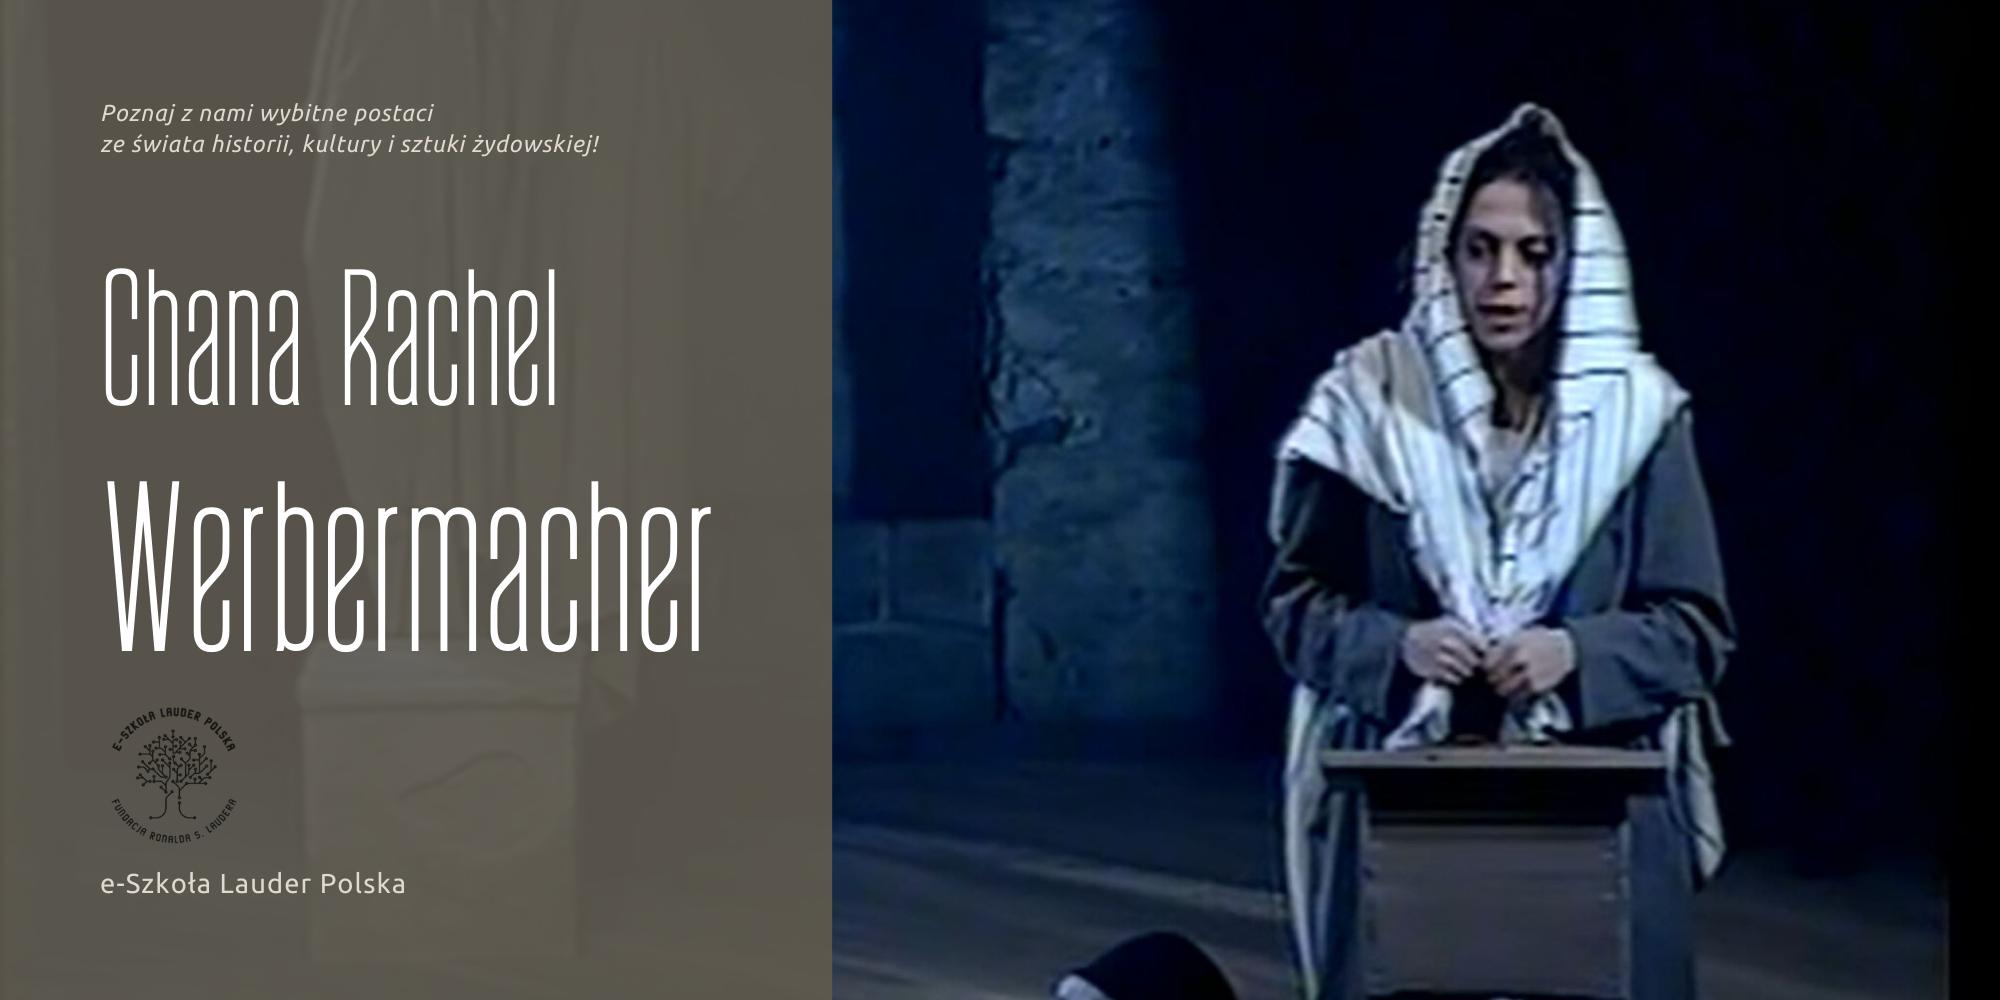 Chana Rachel Werbermacher: cadyk, cudotwórczyni i święta kobieta